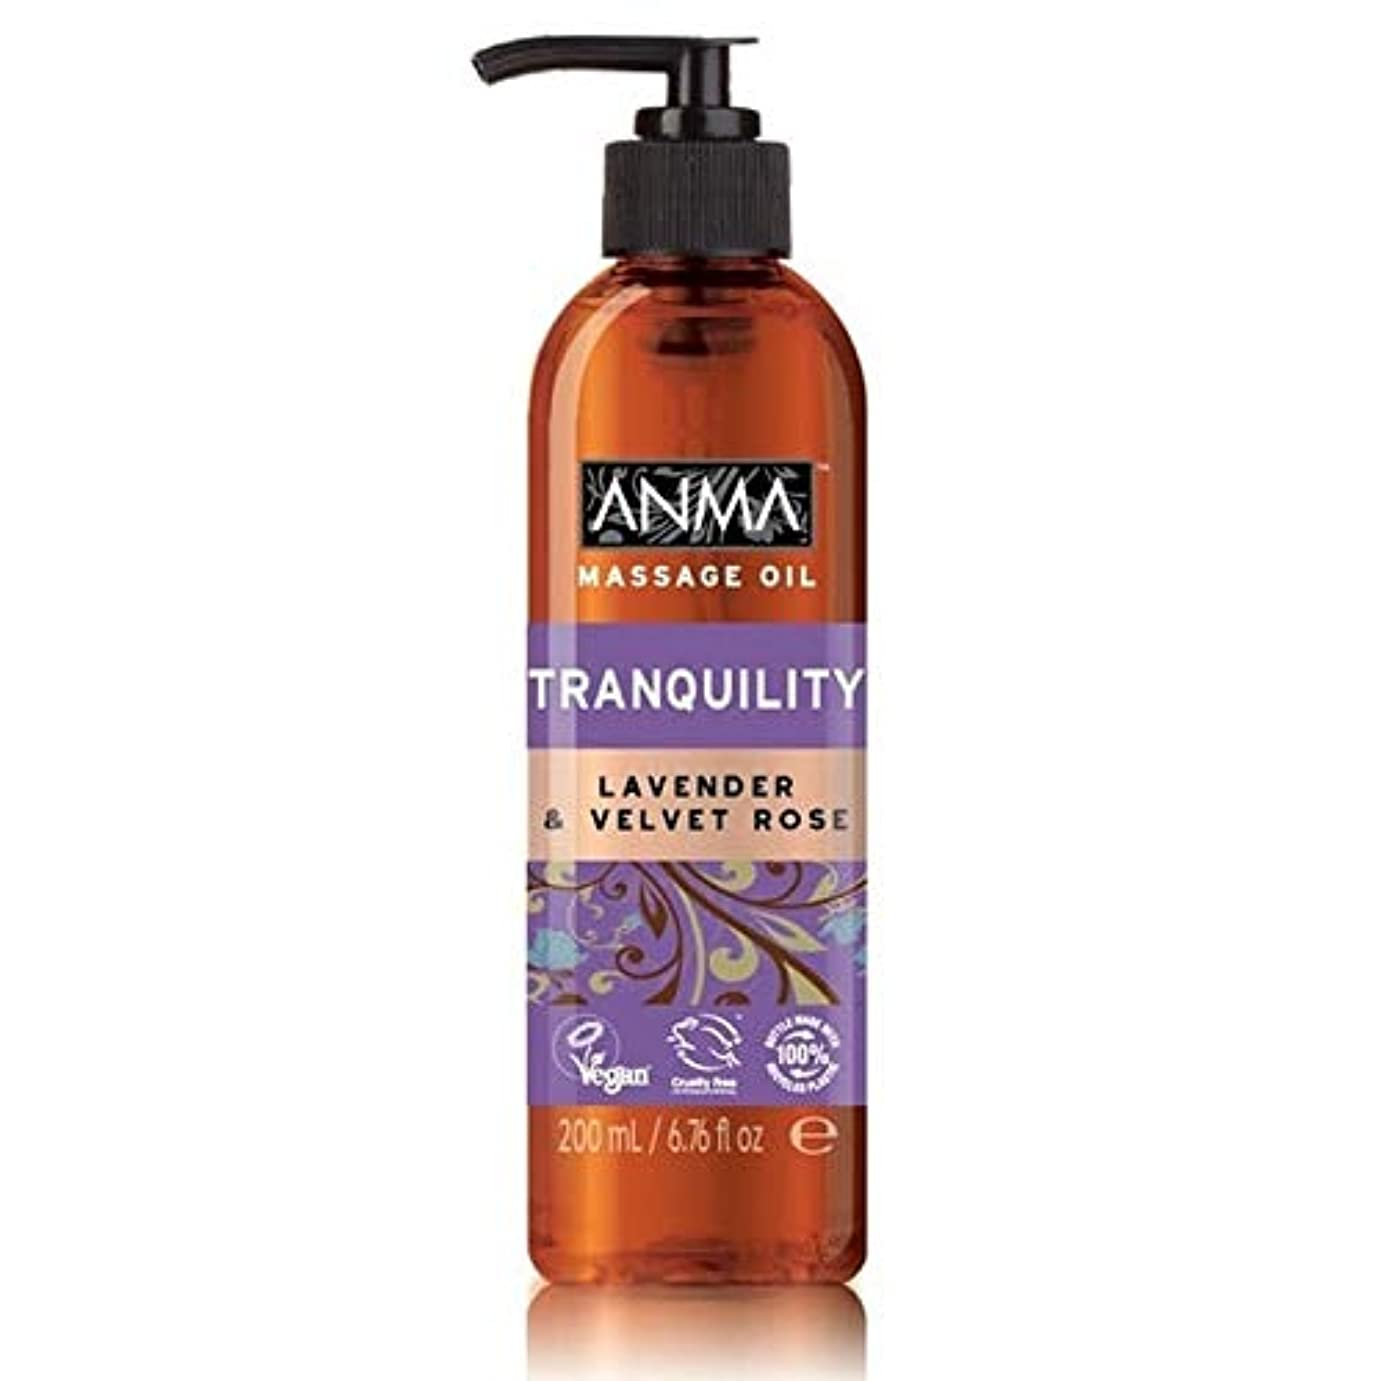 実り多い操作技術的な[Anma ] あんまマッサージオイル静けさ - Anma Massage Oil Tranquility [並行輸入品]